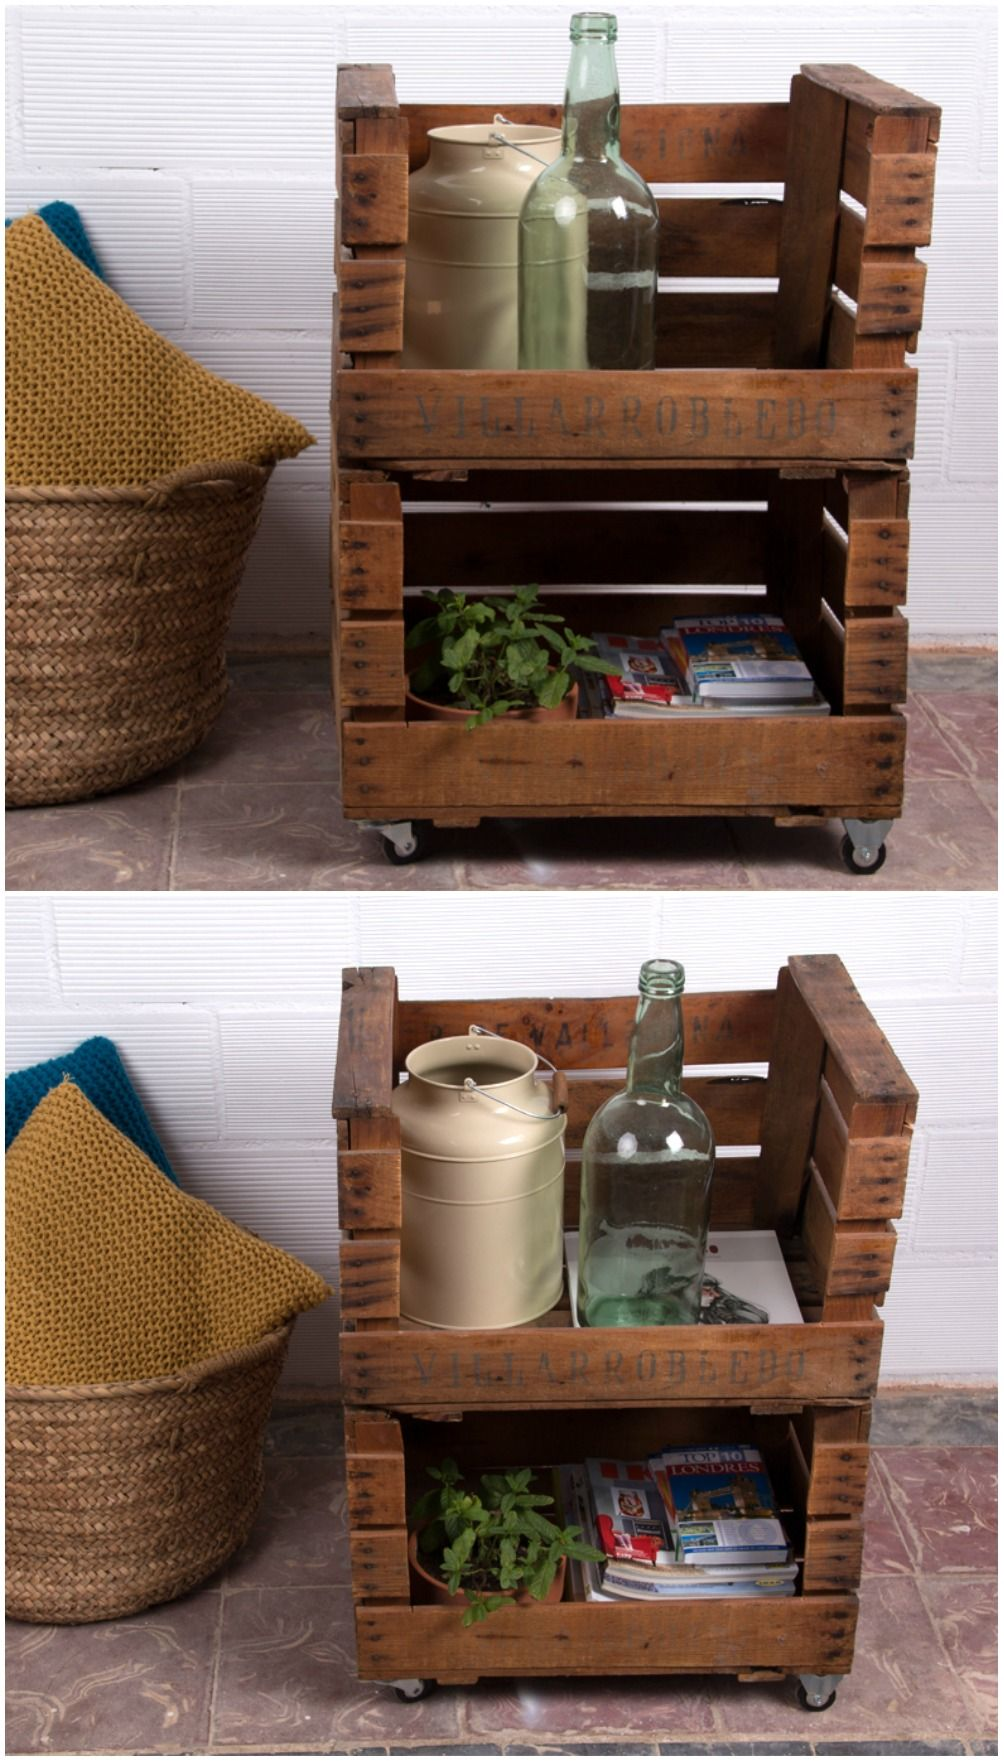 Estanter a con cajas de fruta cajas de fruta antiguas estanter a con cajas de madera cajas de - Estanterias con cajas de fruta ...